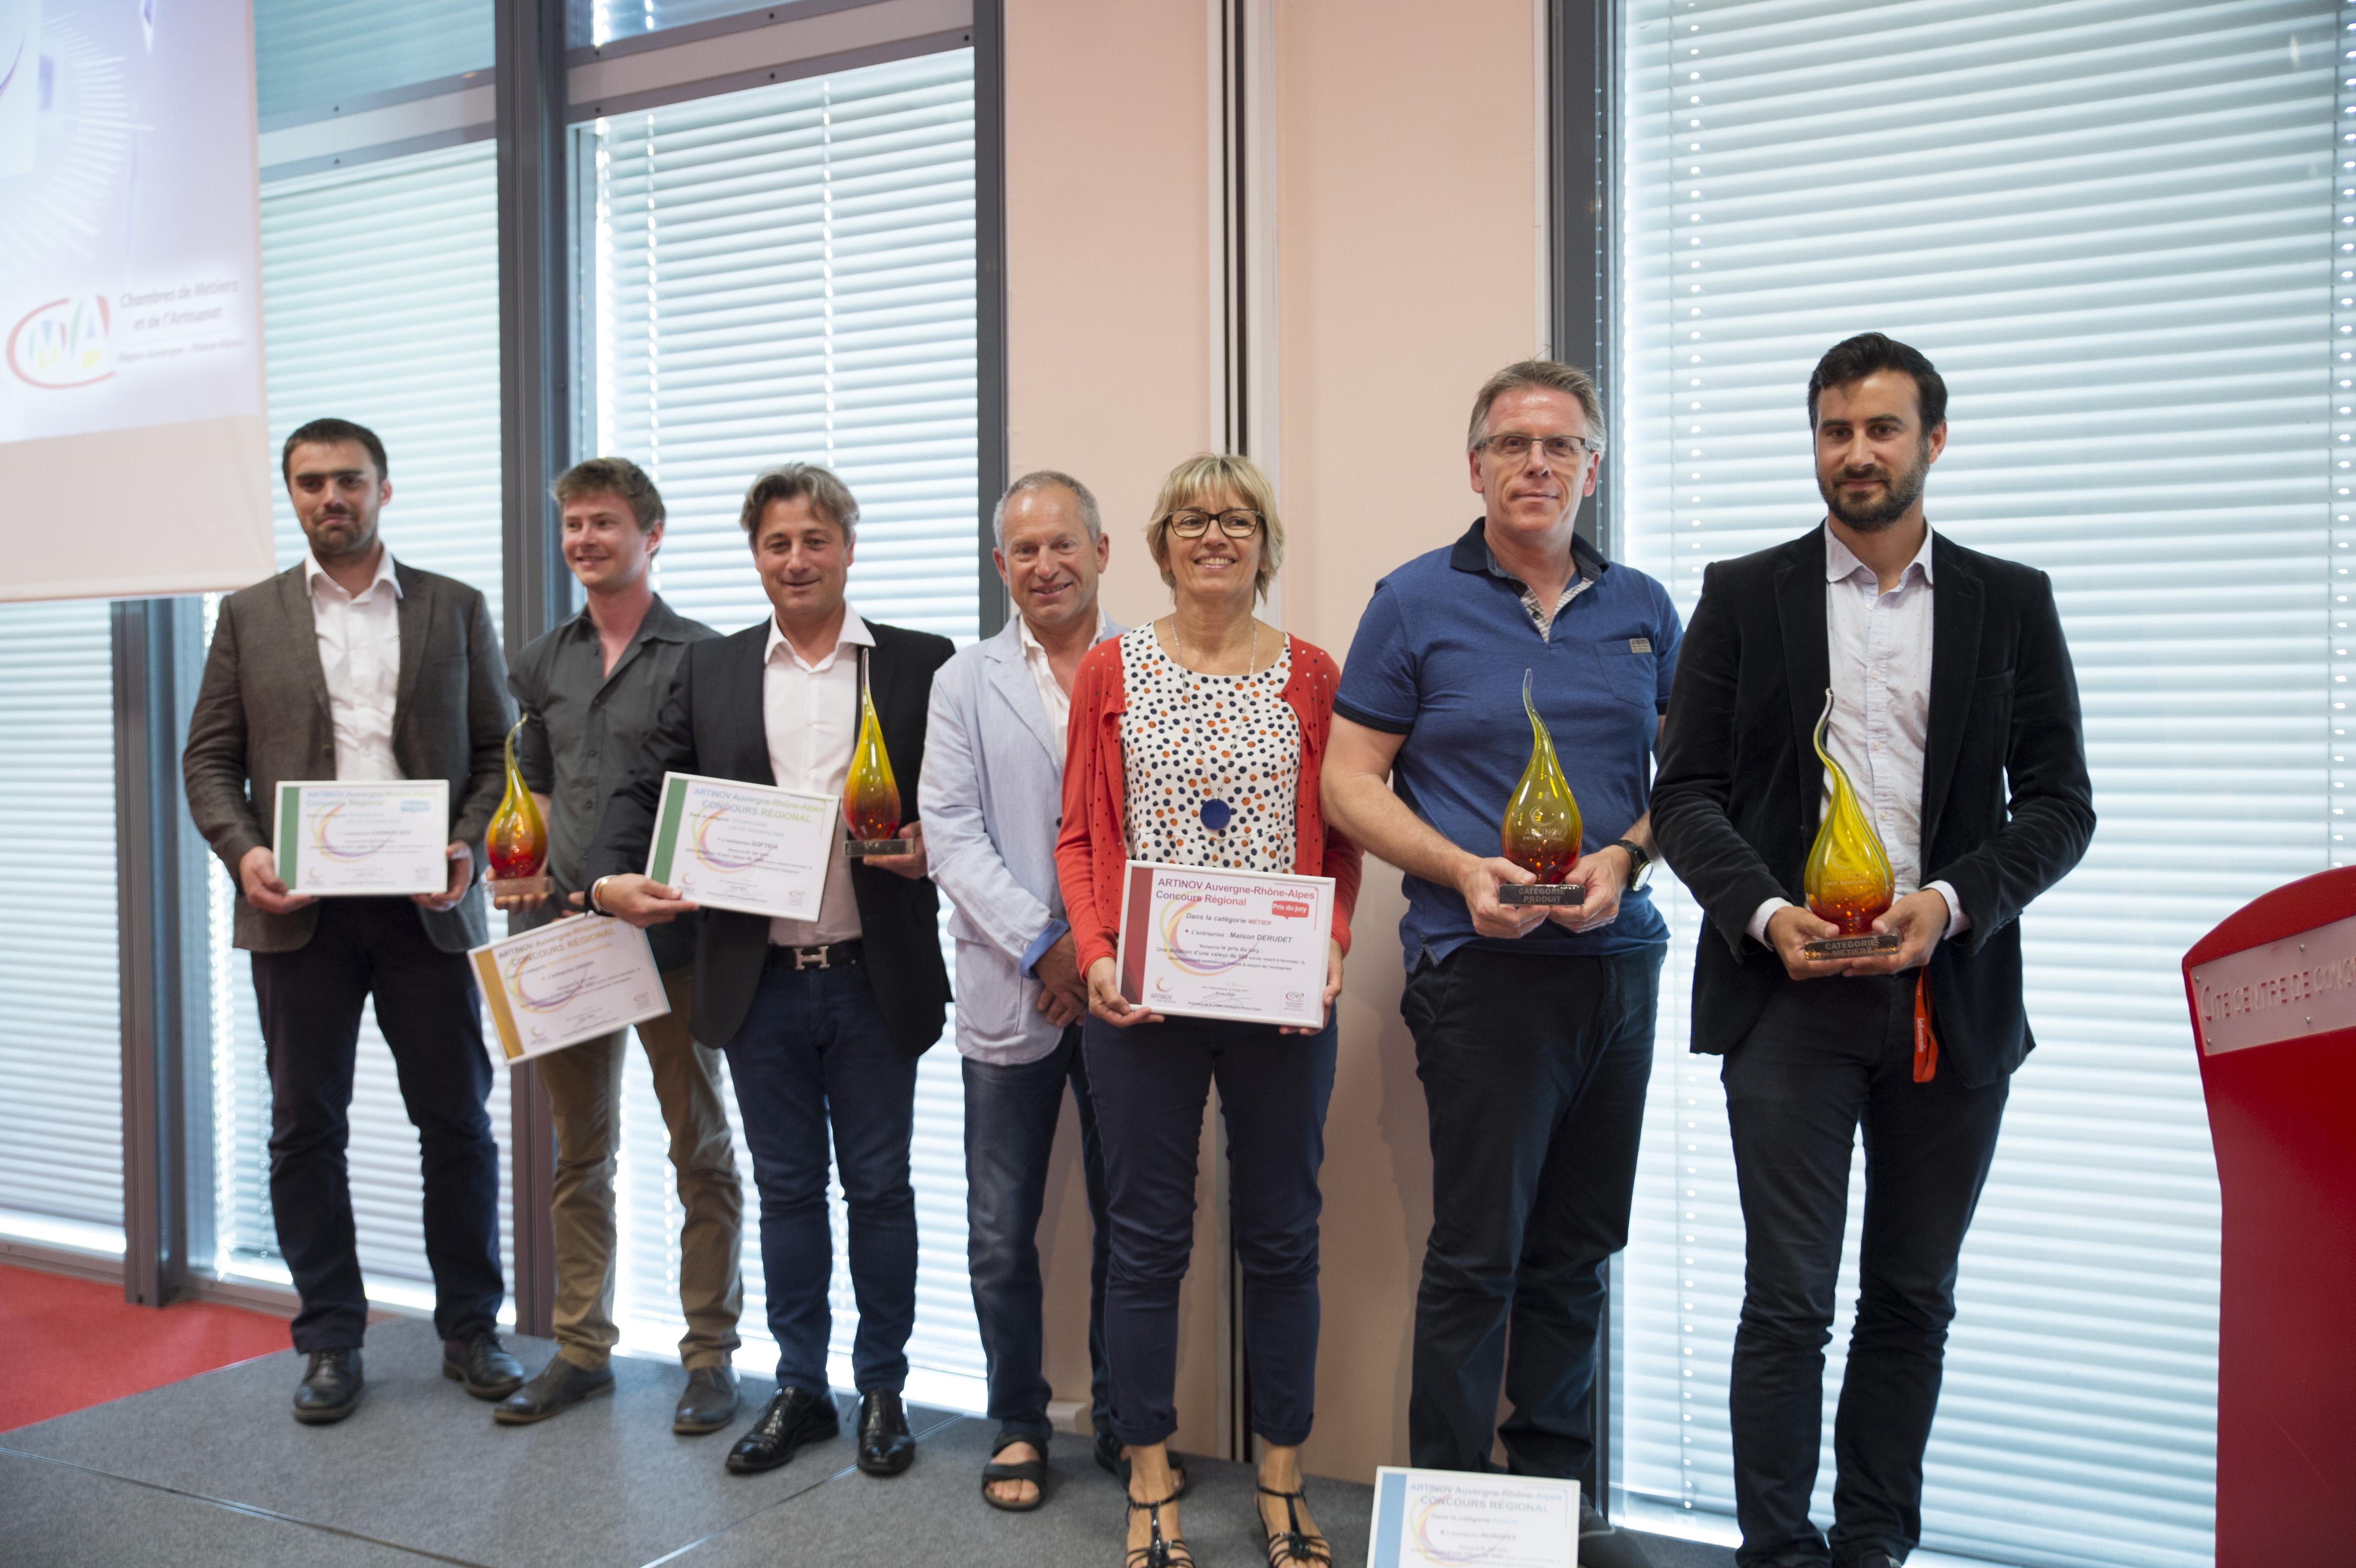 Deux lauréats ARTINOV Savoie 2016 sur le podium ARTINOV Régional